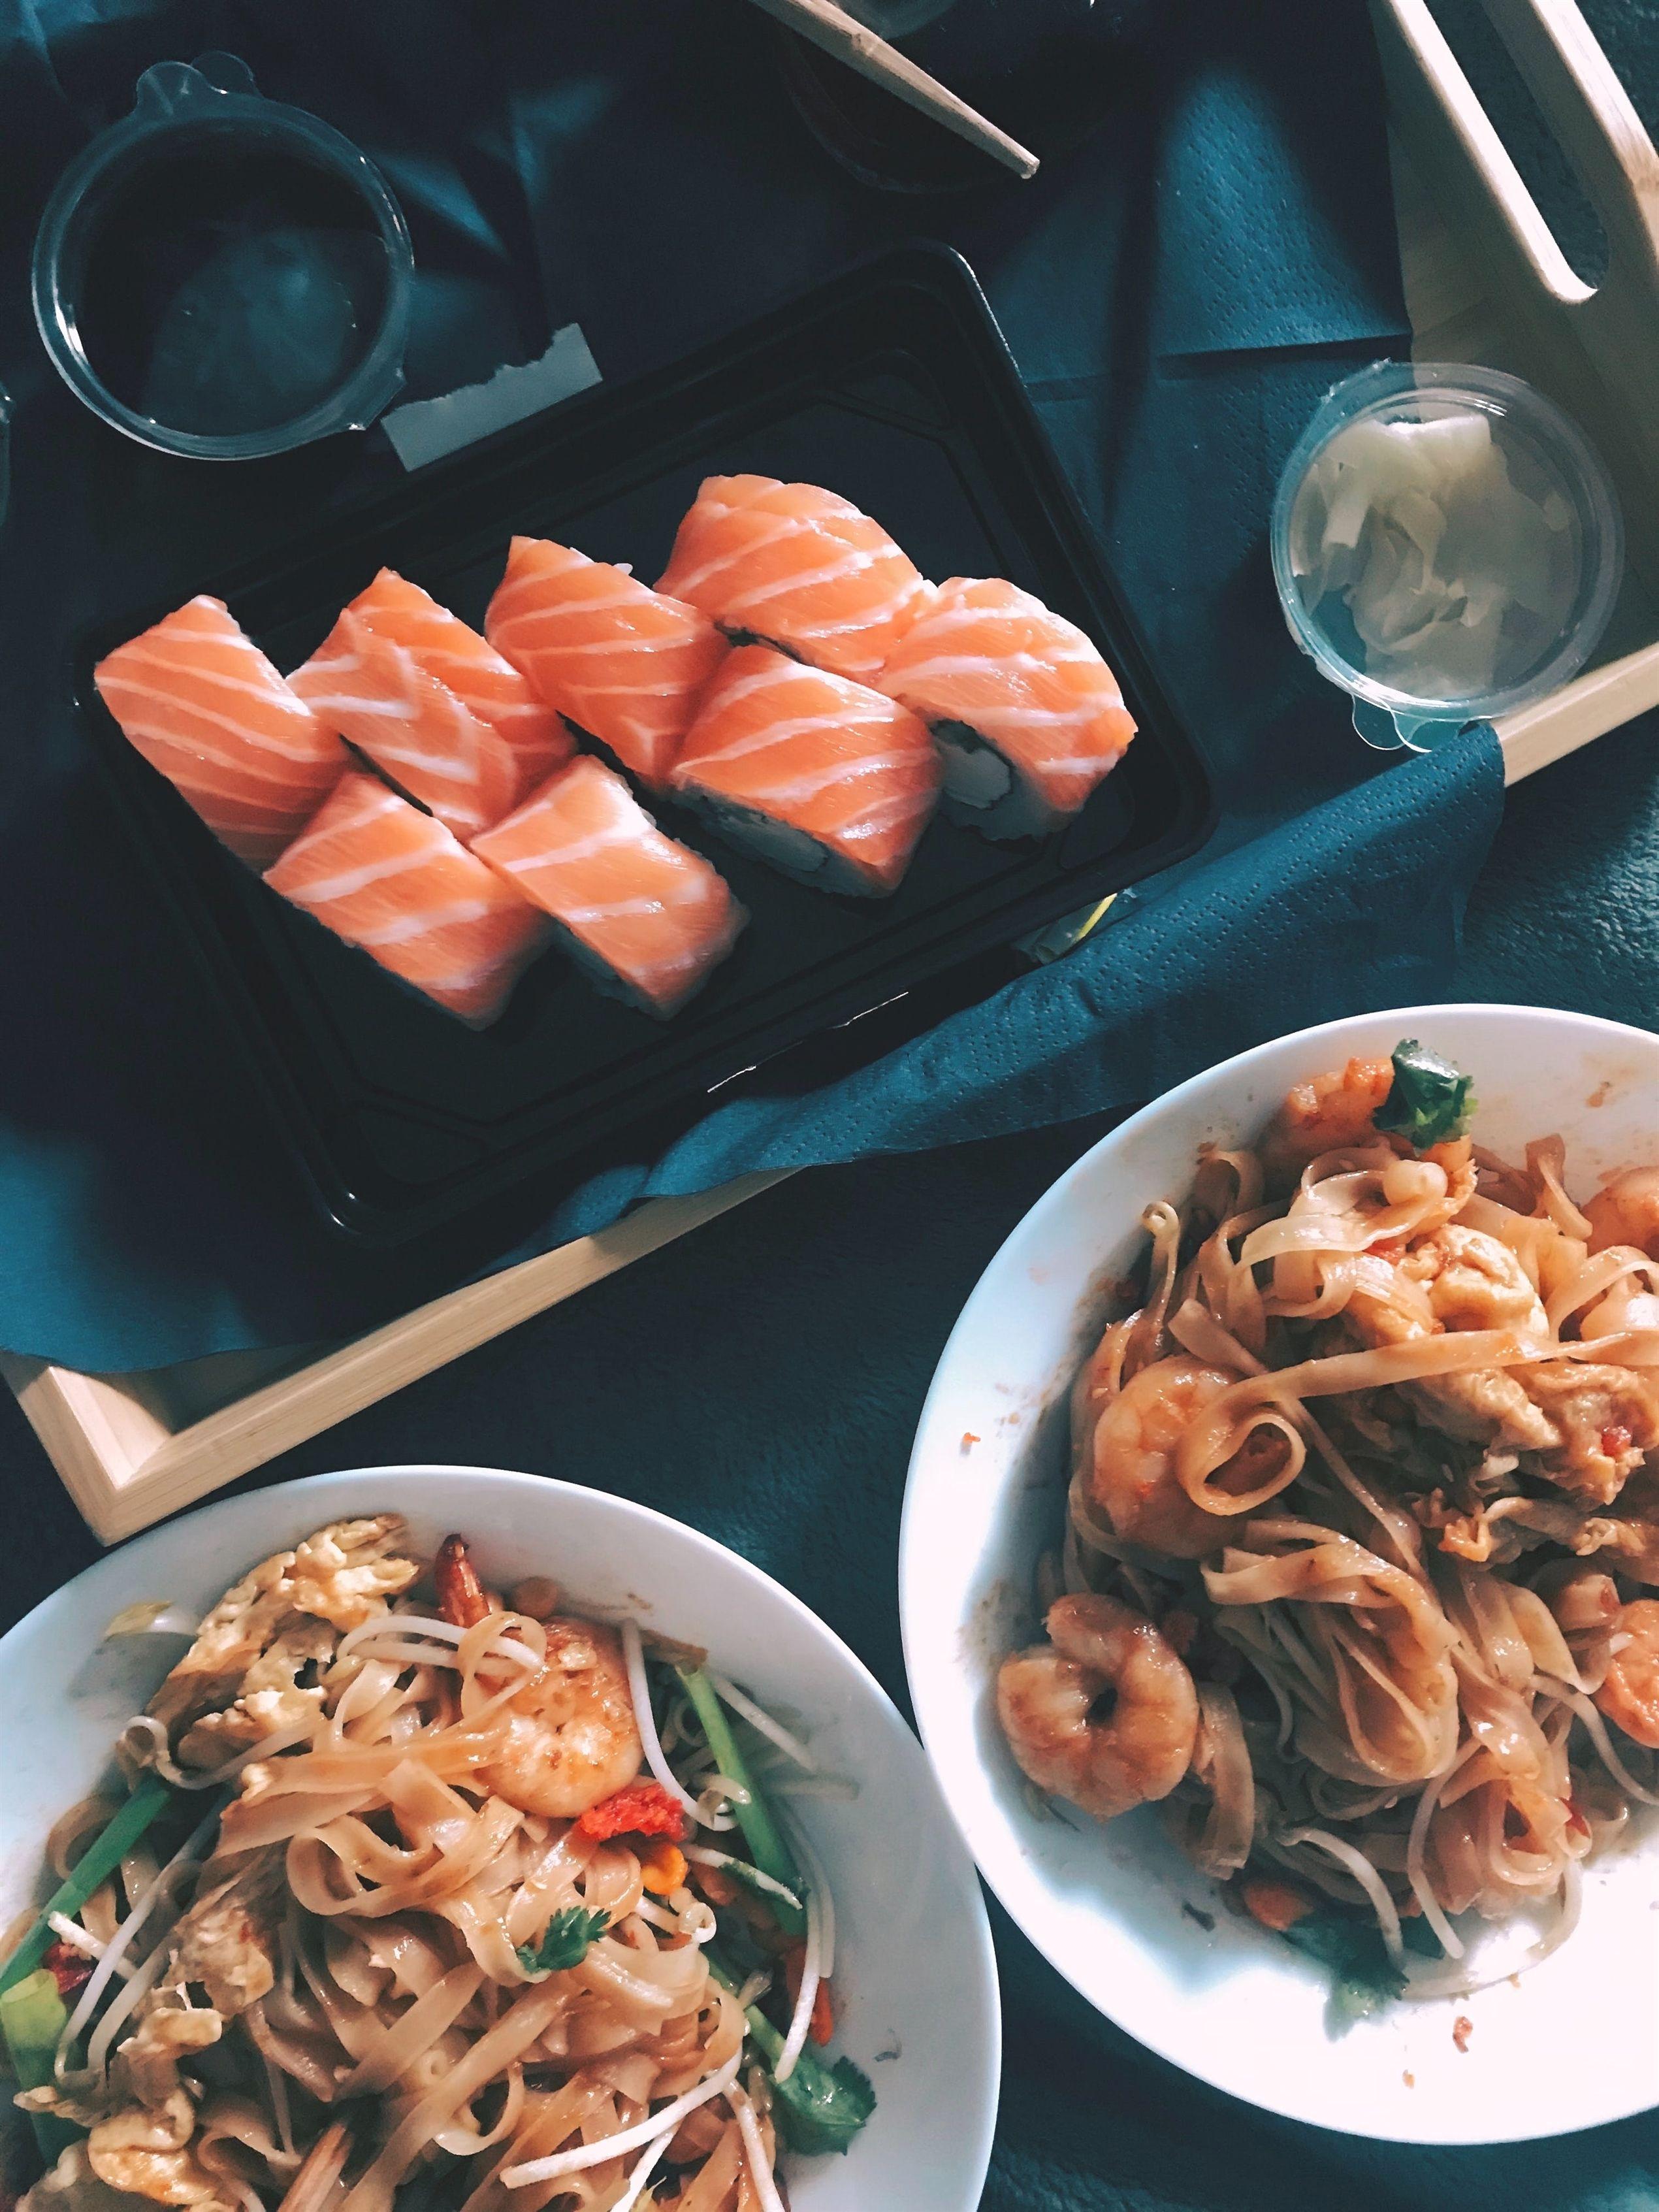 Food Battle 2017 112 20200425175005 59 About Food Memes Food Wars Emergency Food Kits Chinese Food Xenia Food As Reward Food Net